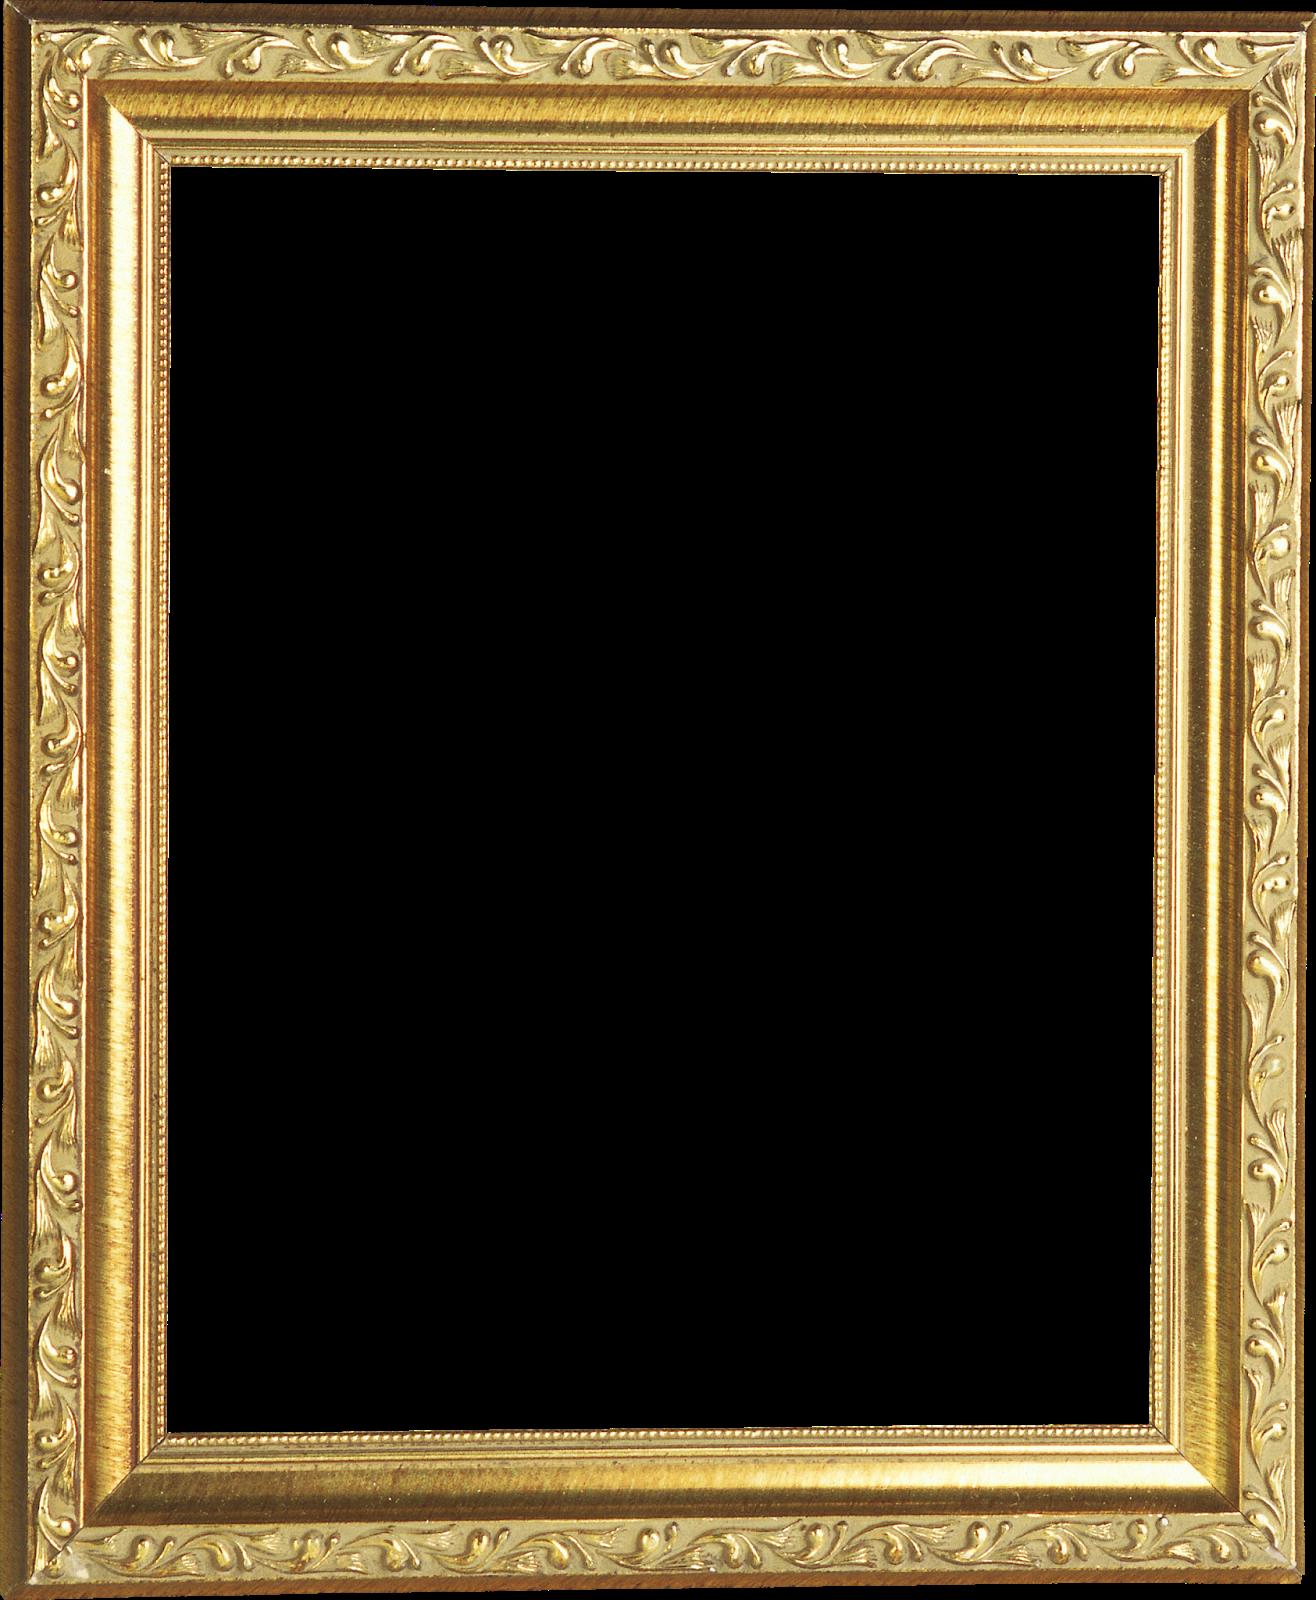 Fondos de pantalla y mucho m s marcos para fotos de madera vintage - Marcos de madera ...